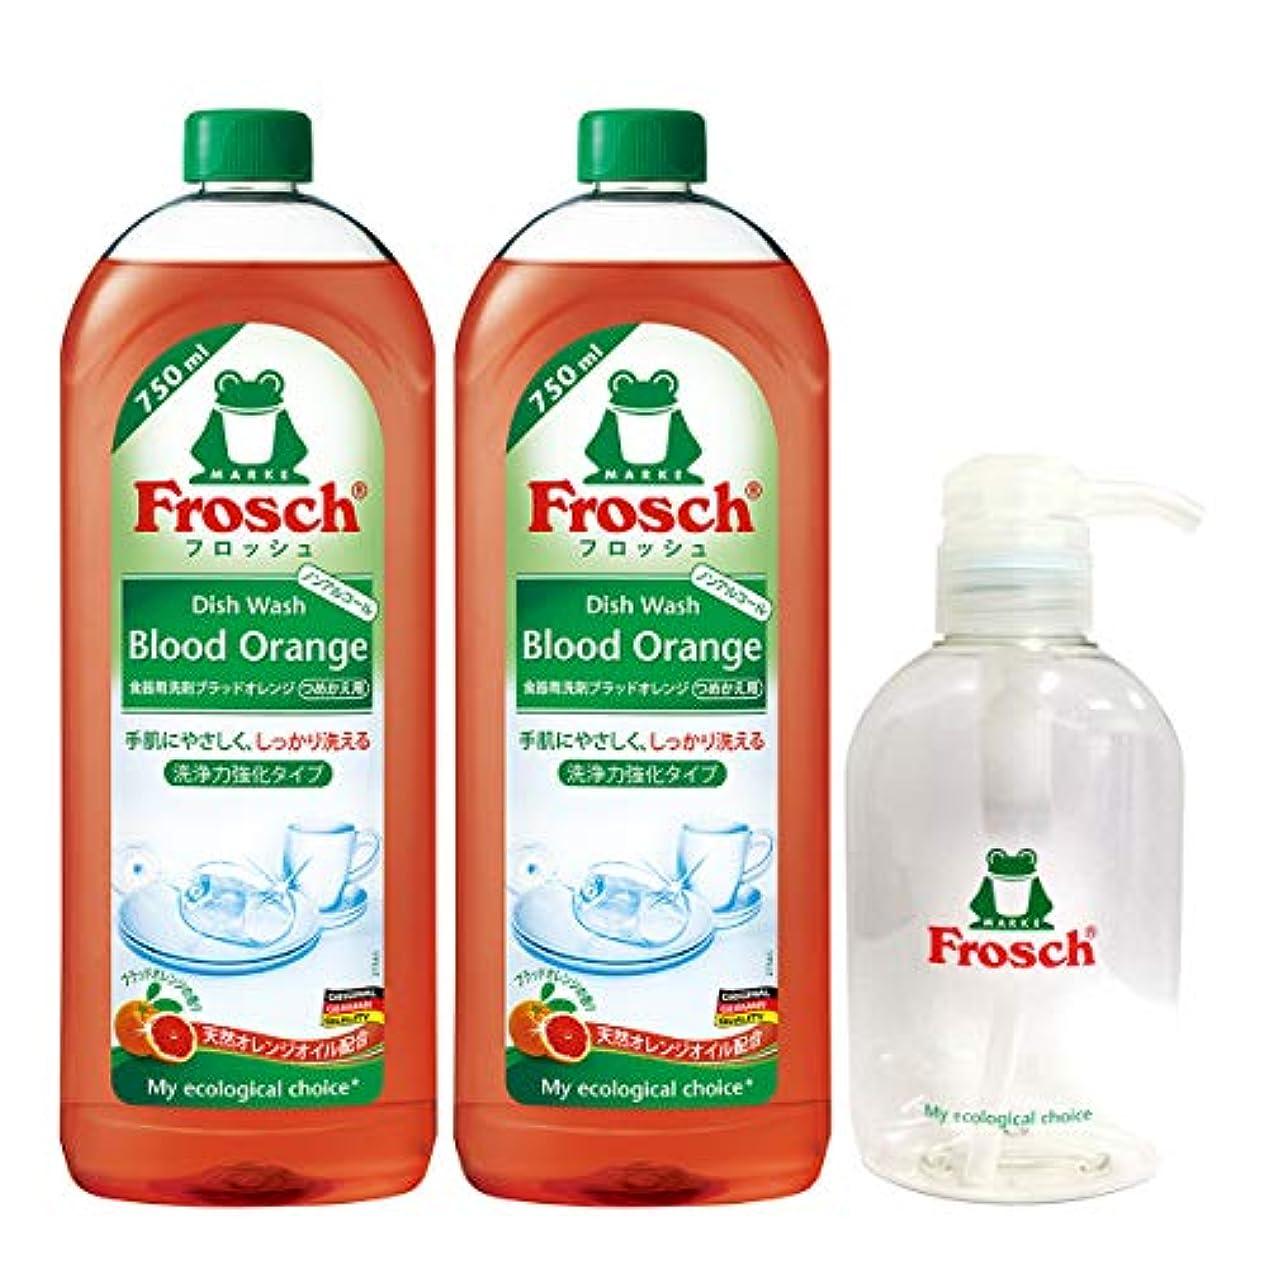 一回家具認めるフロッシュ 食器用洗剤 ブラッドオレンジ 750ml×2本 ポンプボトル付